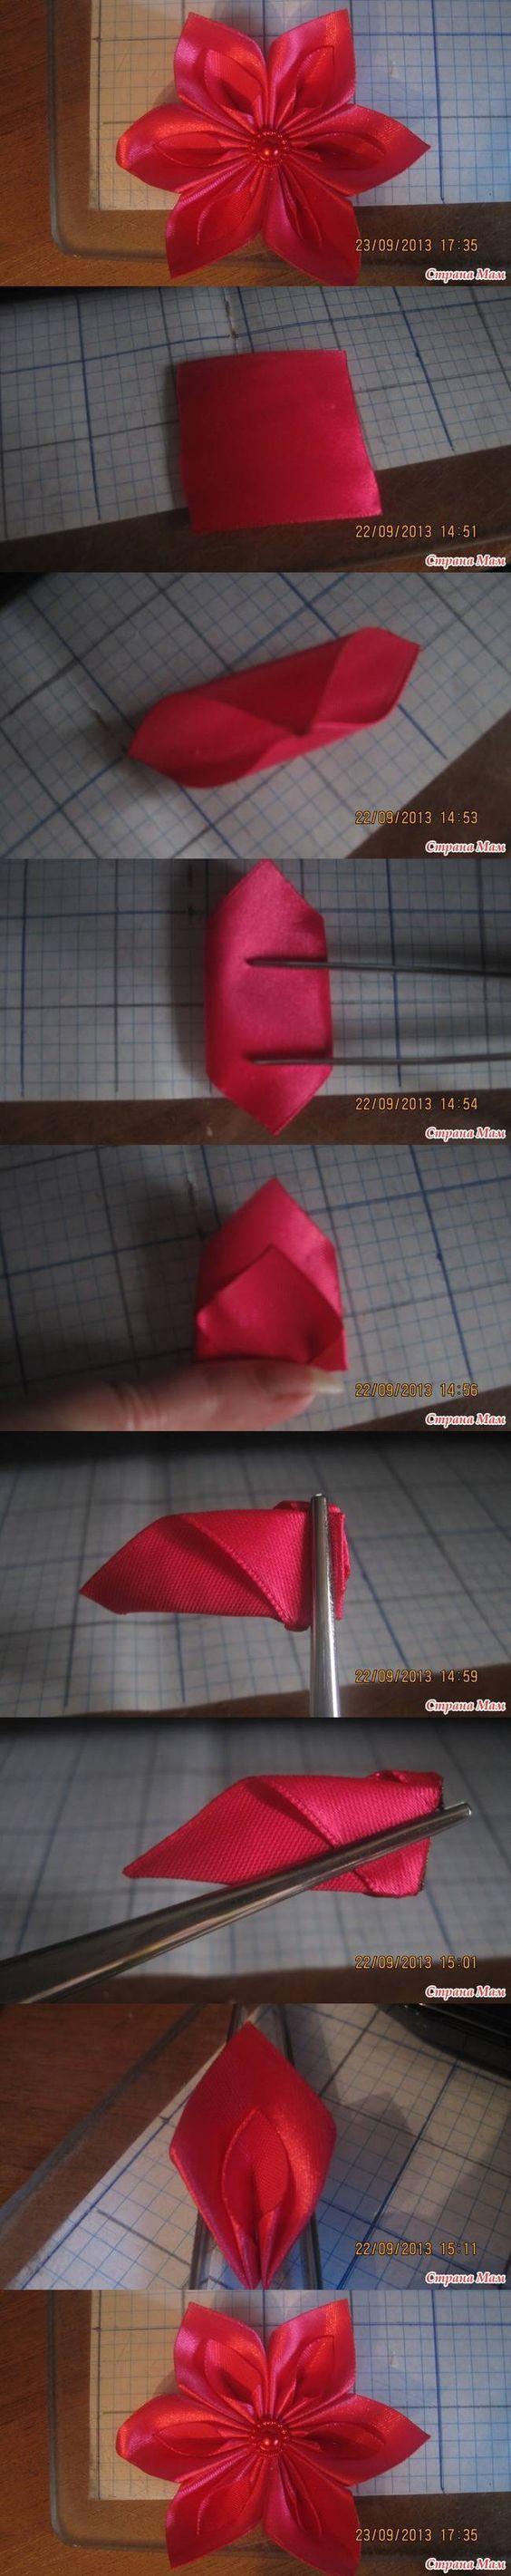 DIY New Leaf Ribbon Flower DIY Projects: